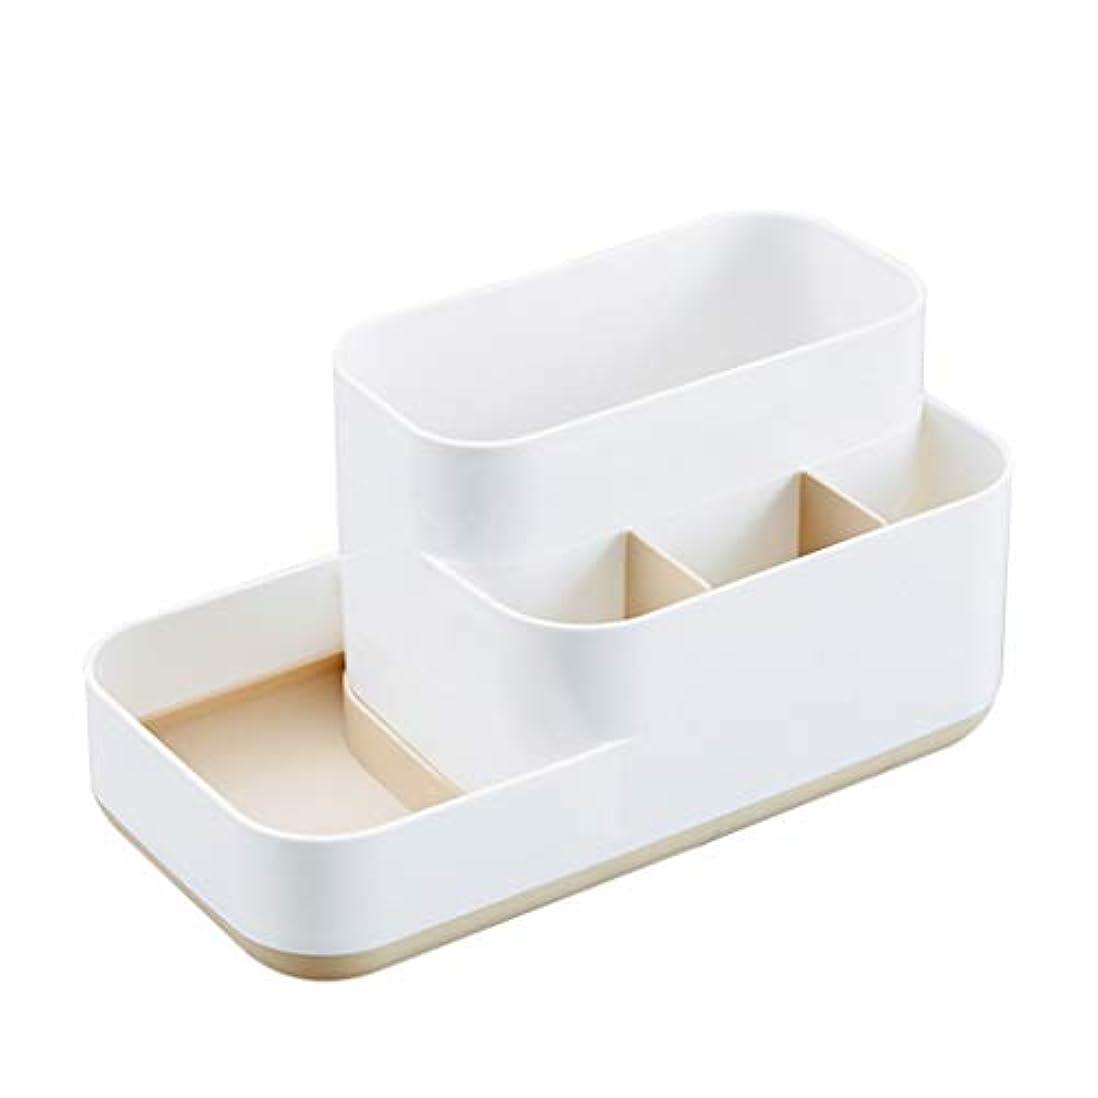 意見拡声器工夫するデスクトップマルチメディア化粧品収納ボックス多機能プラスチックボックスリビングルームのコーヒーテーブル仕上げボックス (Color : Apricot)